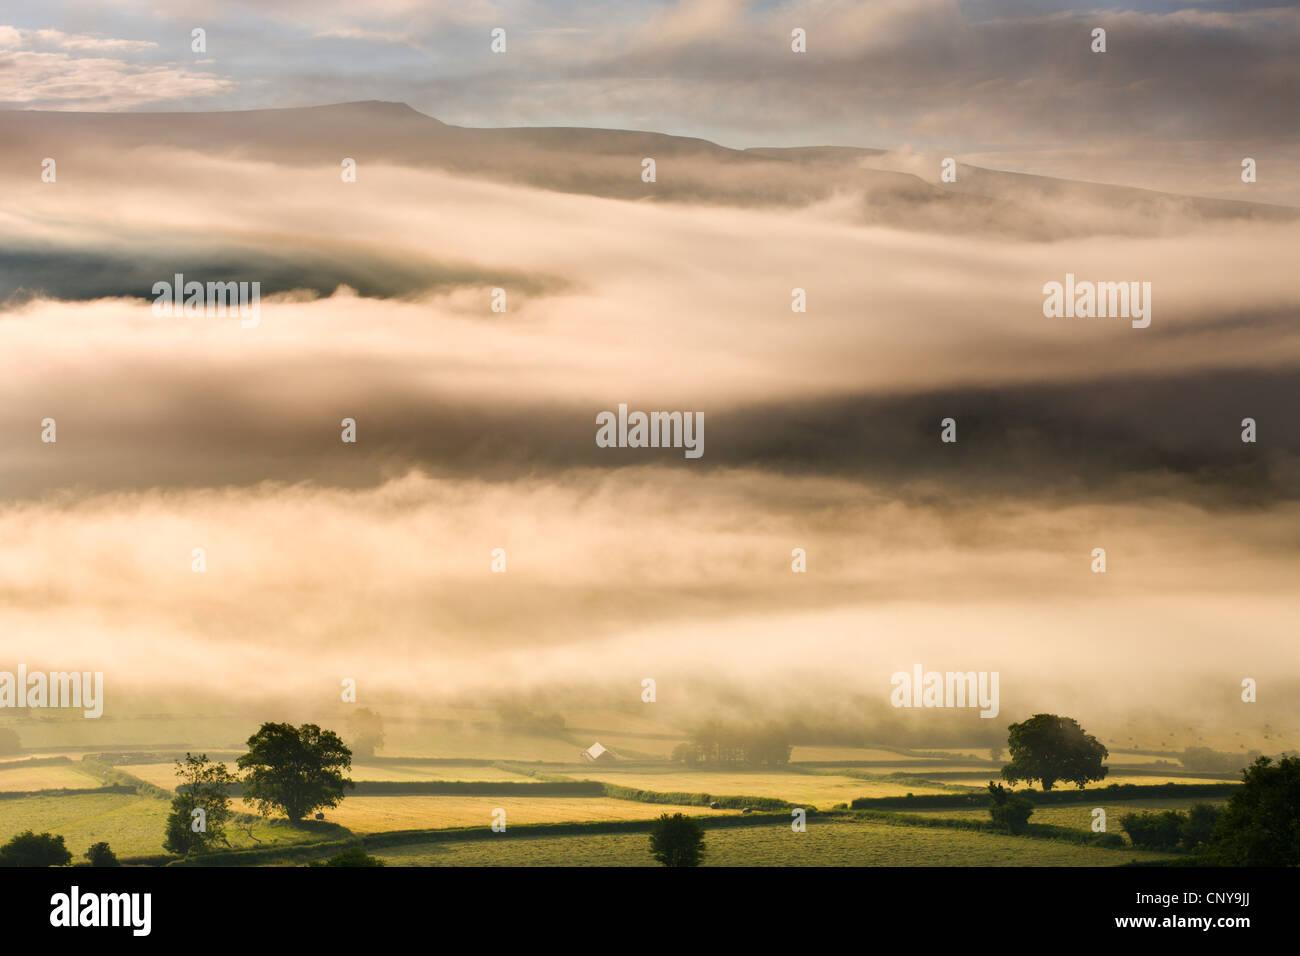 Nebel hängt über der Landschaft in der Nähe von Bwlch, Brecon Beacons National Park, Powys, Wales, Stockbild